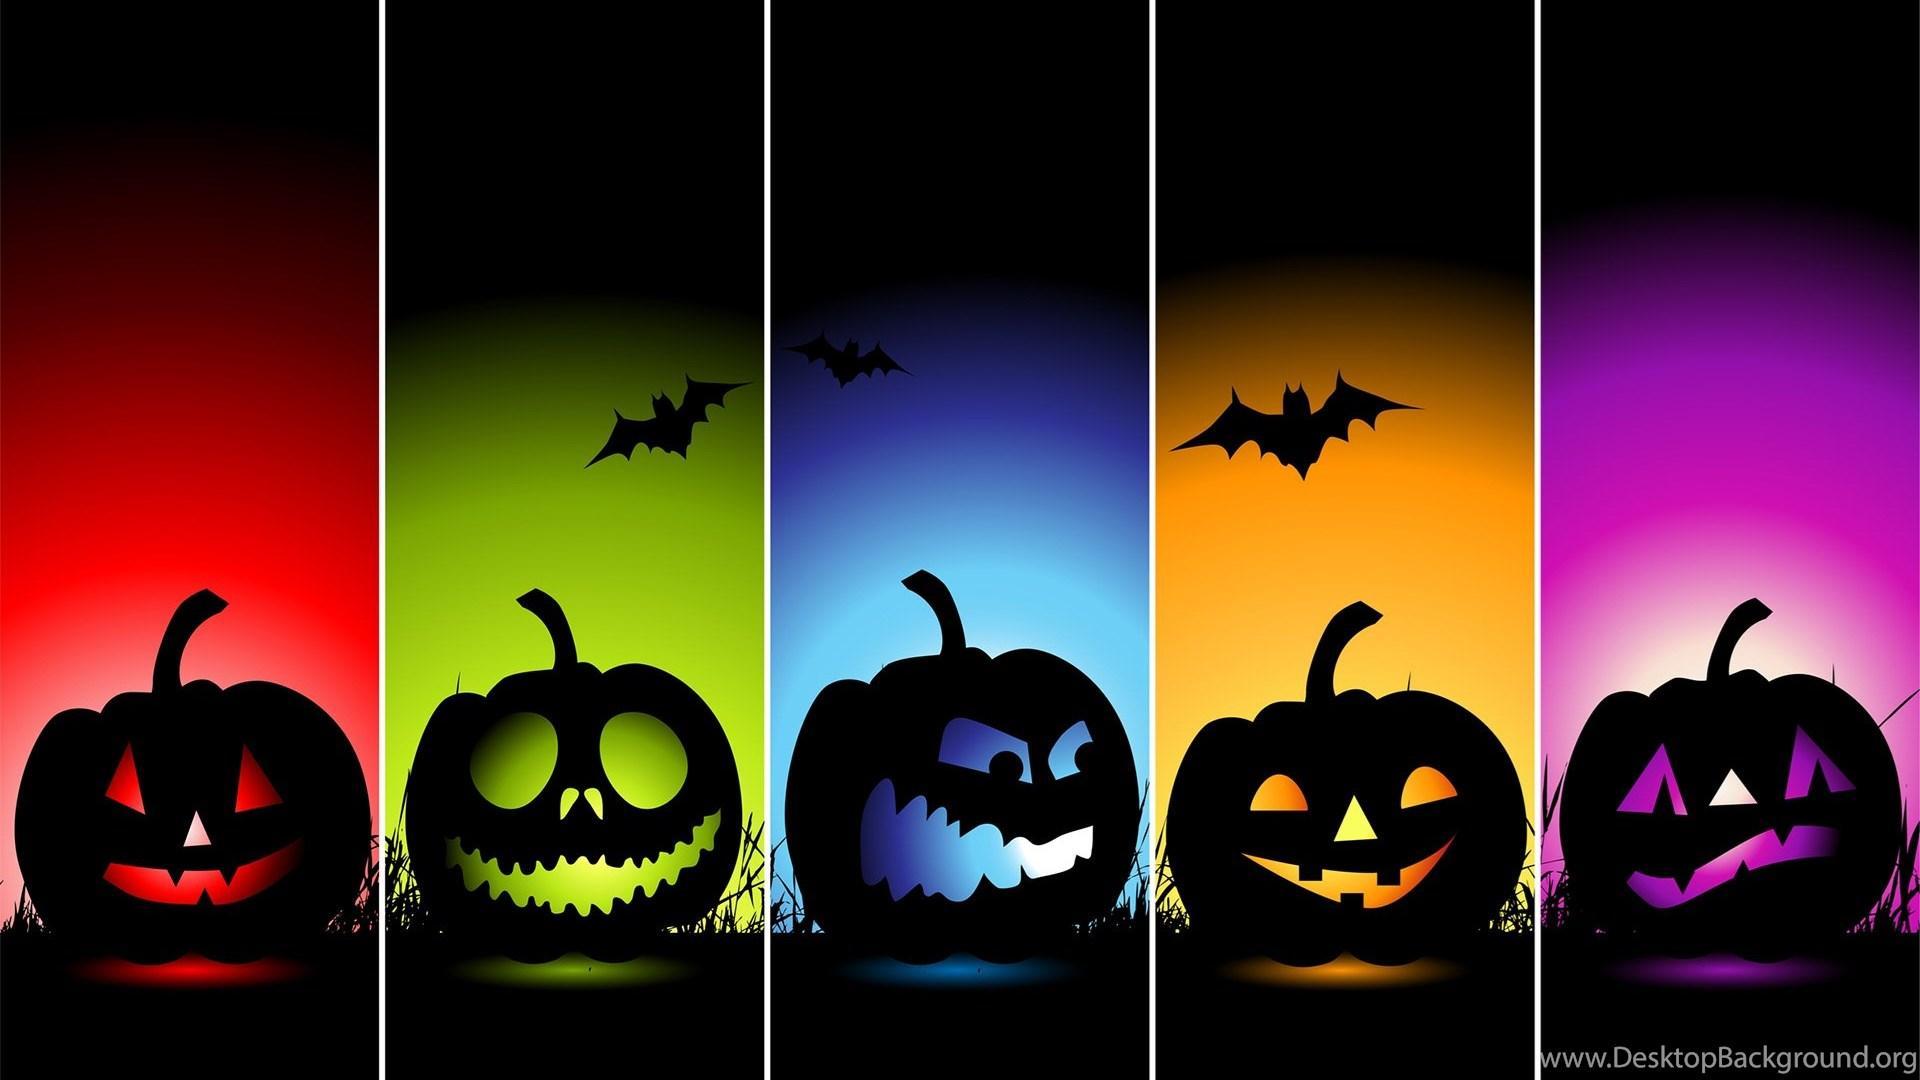 Halloween Desktop Wallpapers 1920x1080